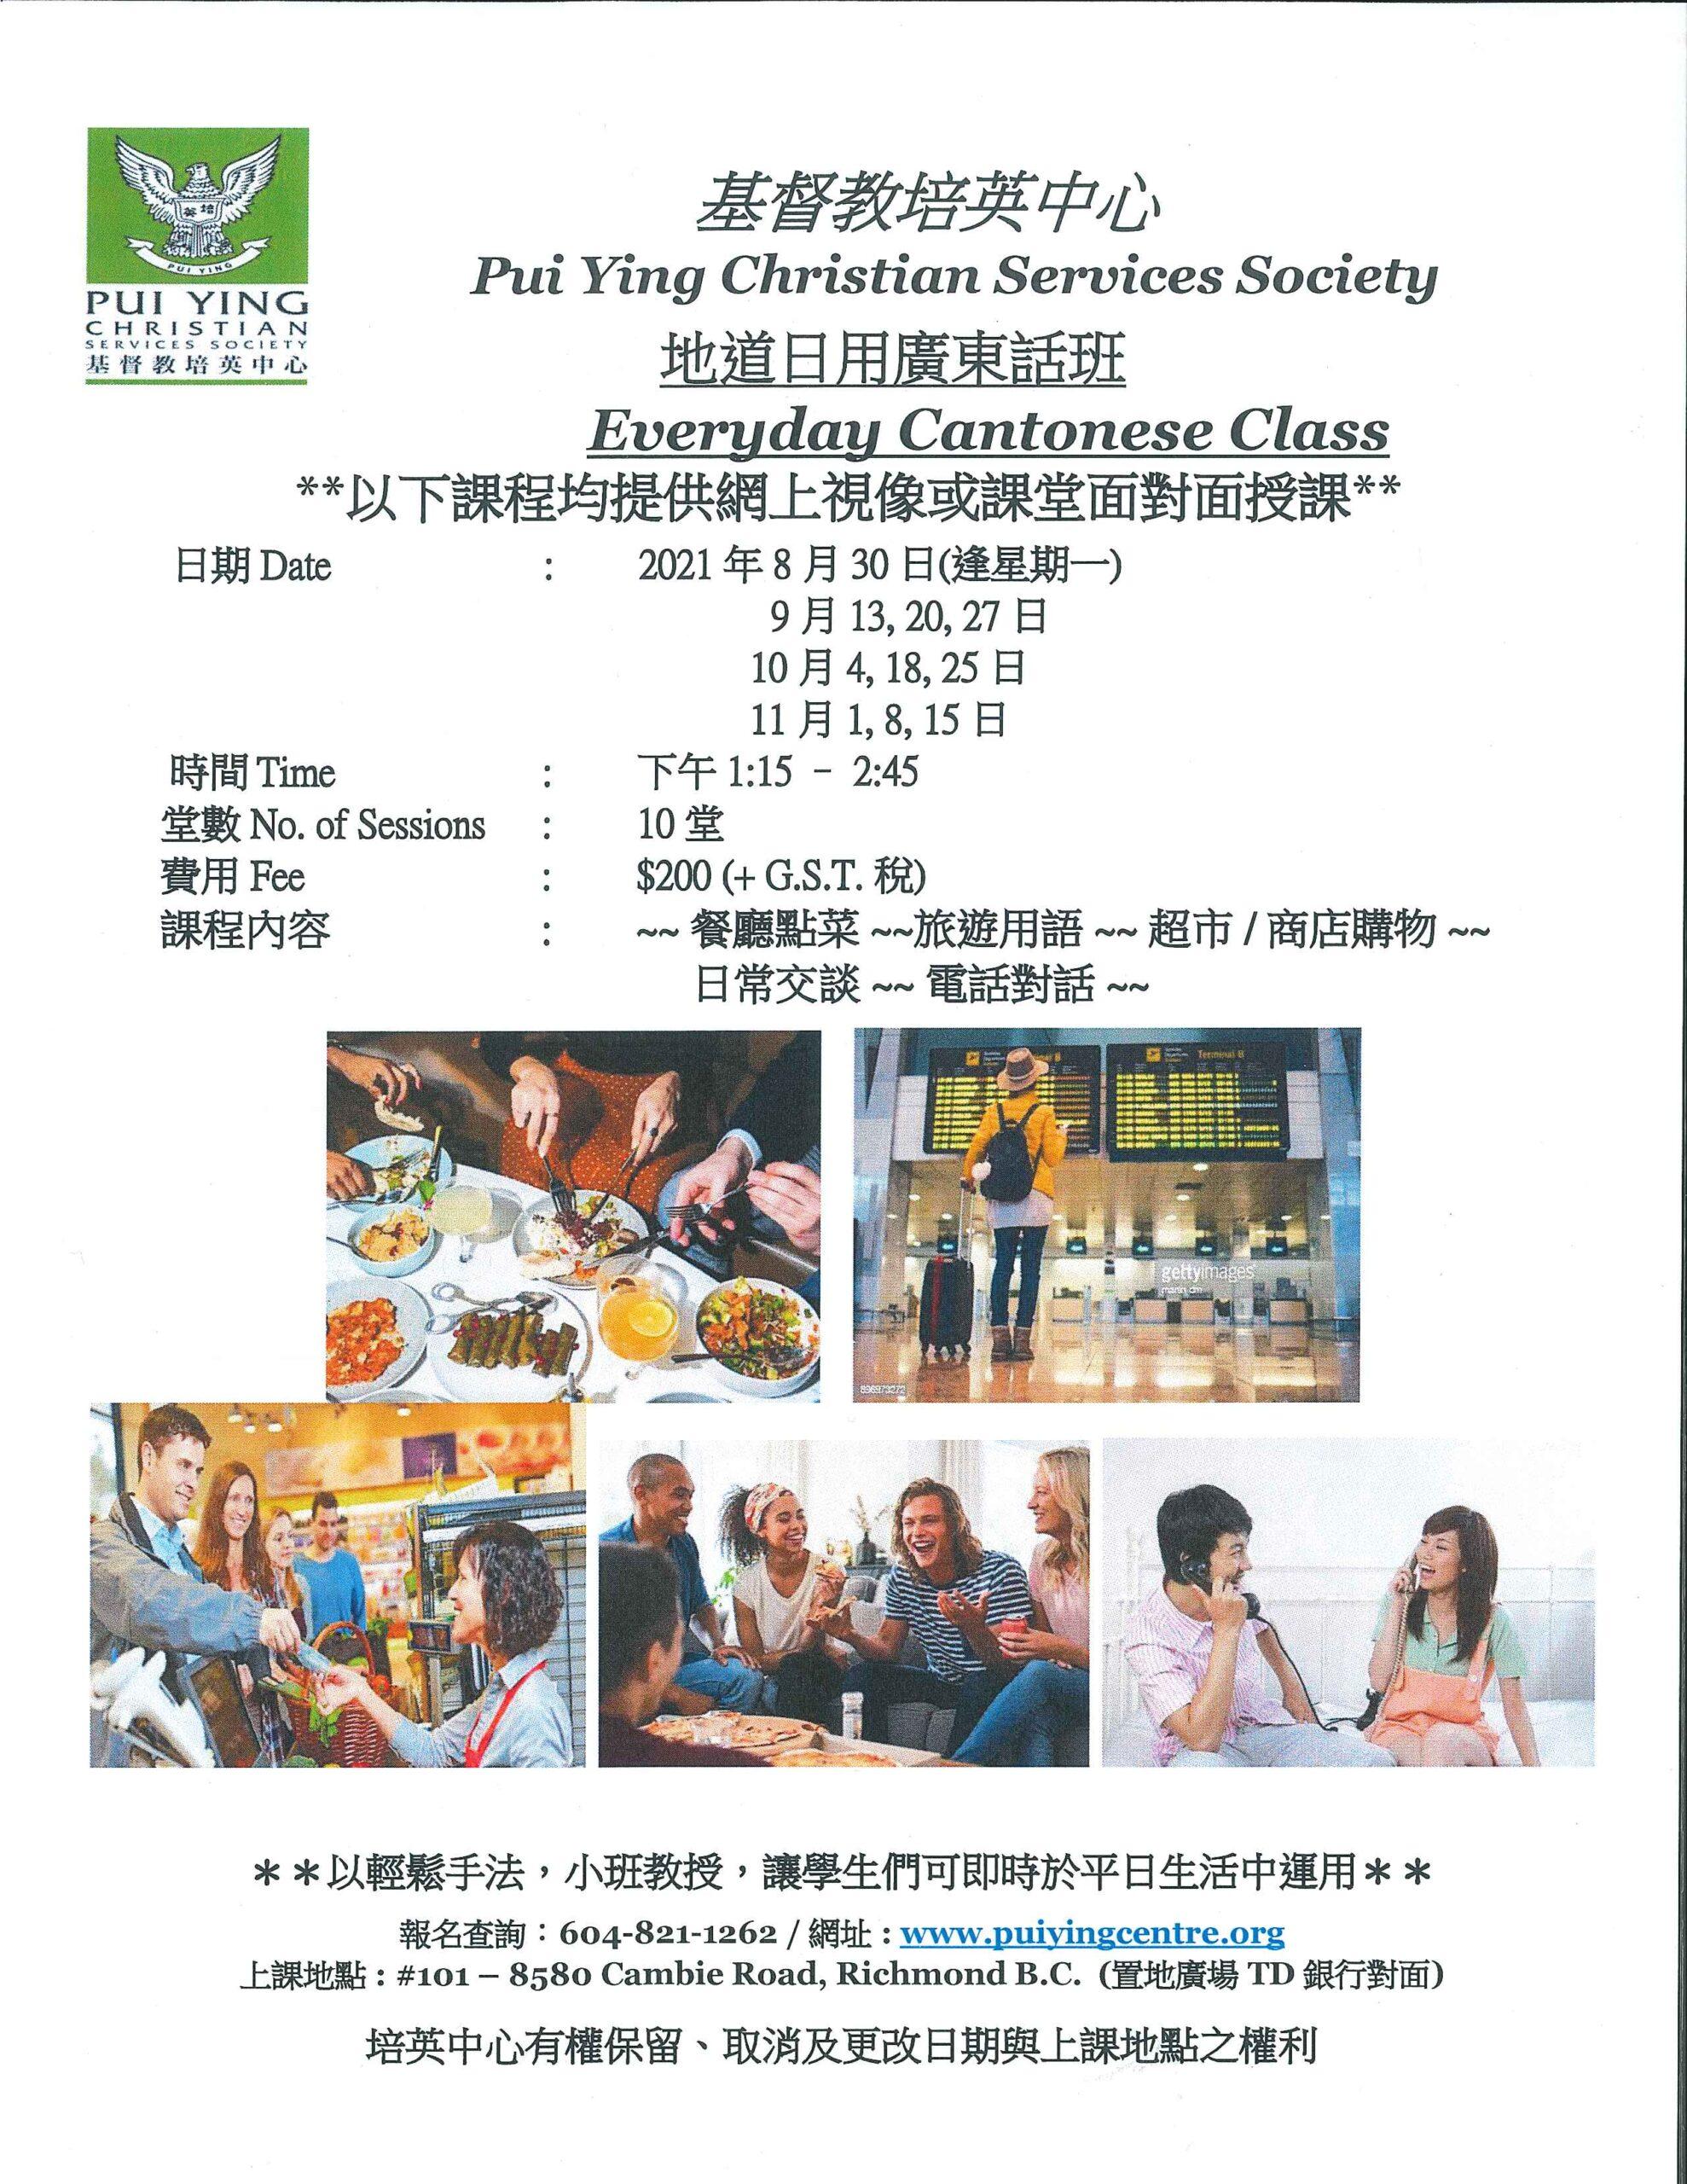 Everyday Cantonese